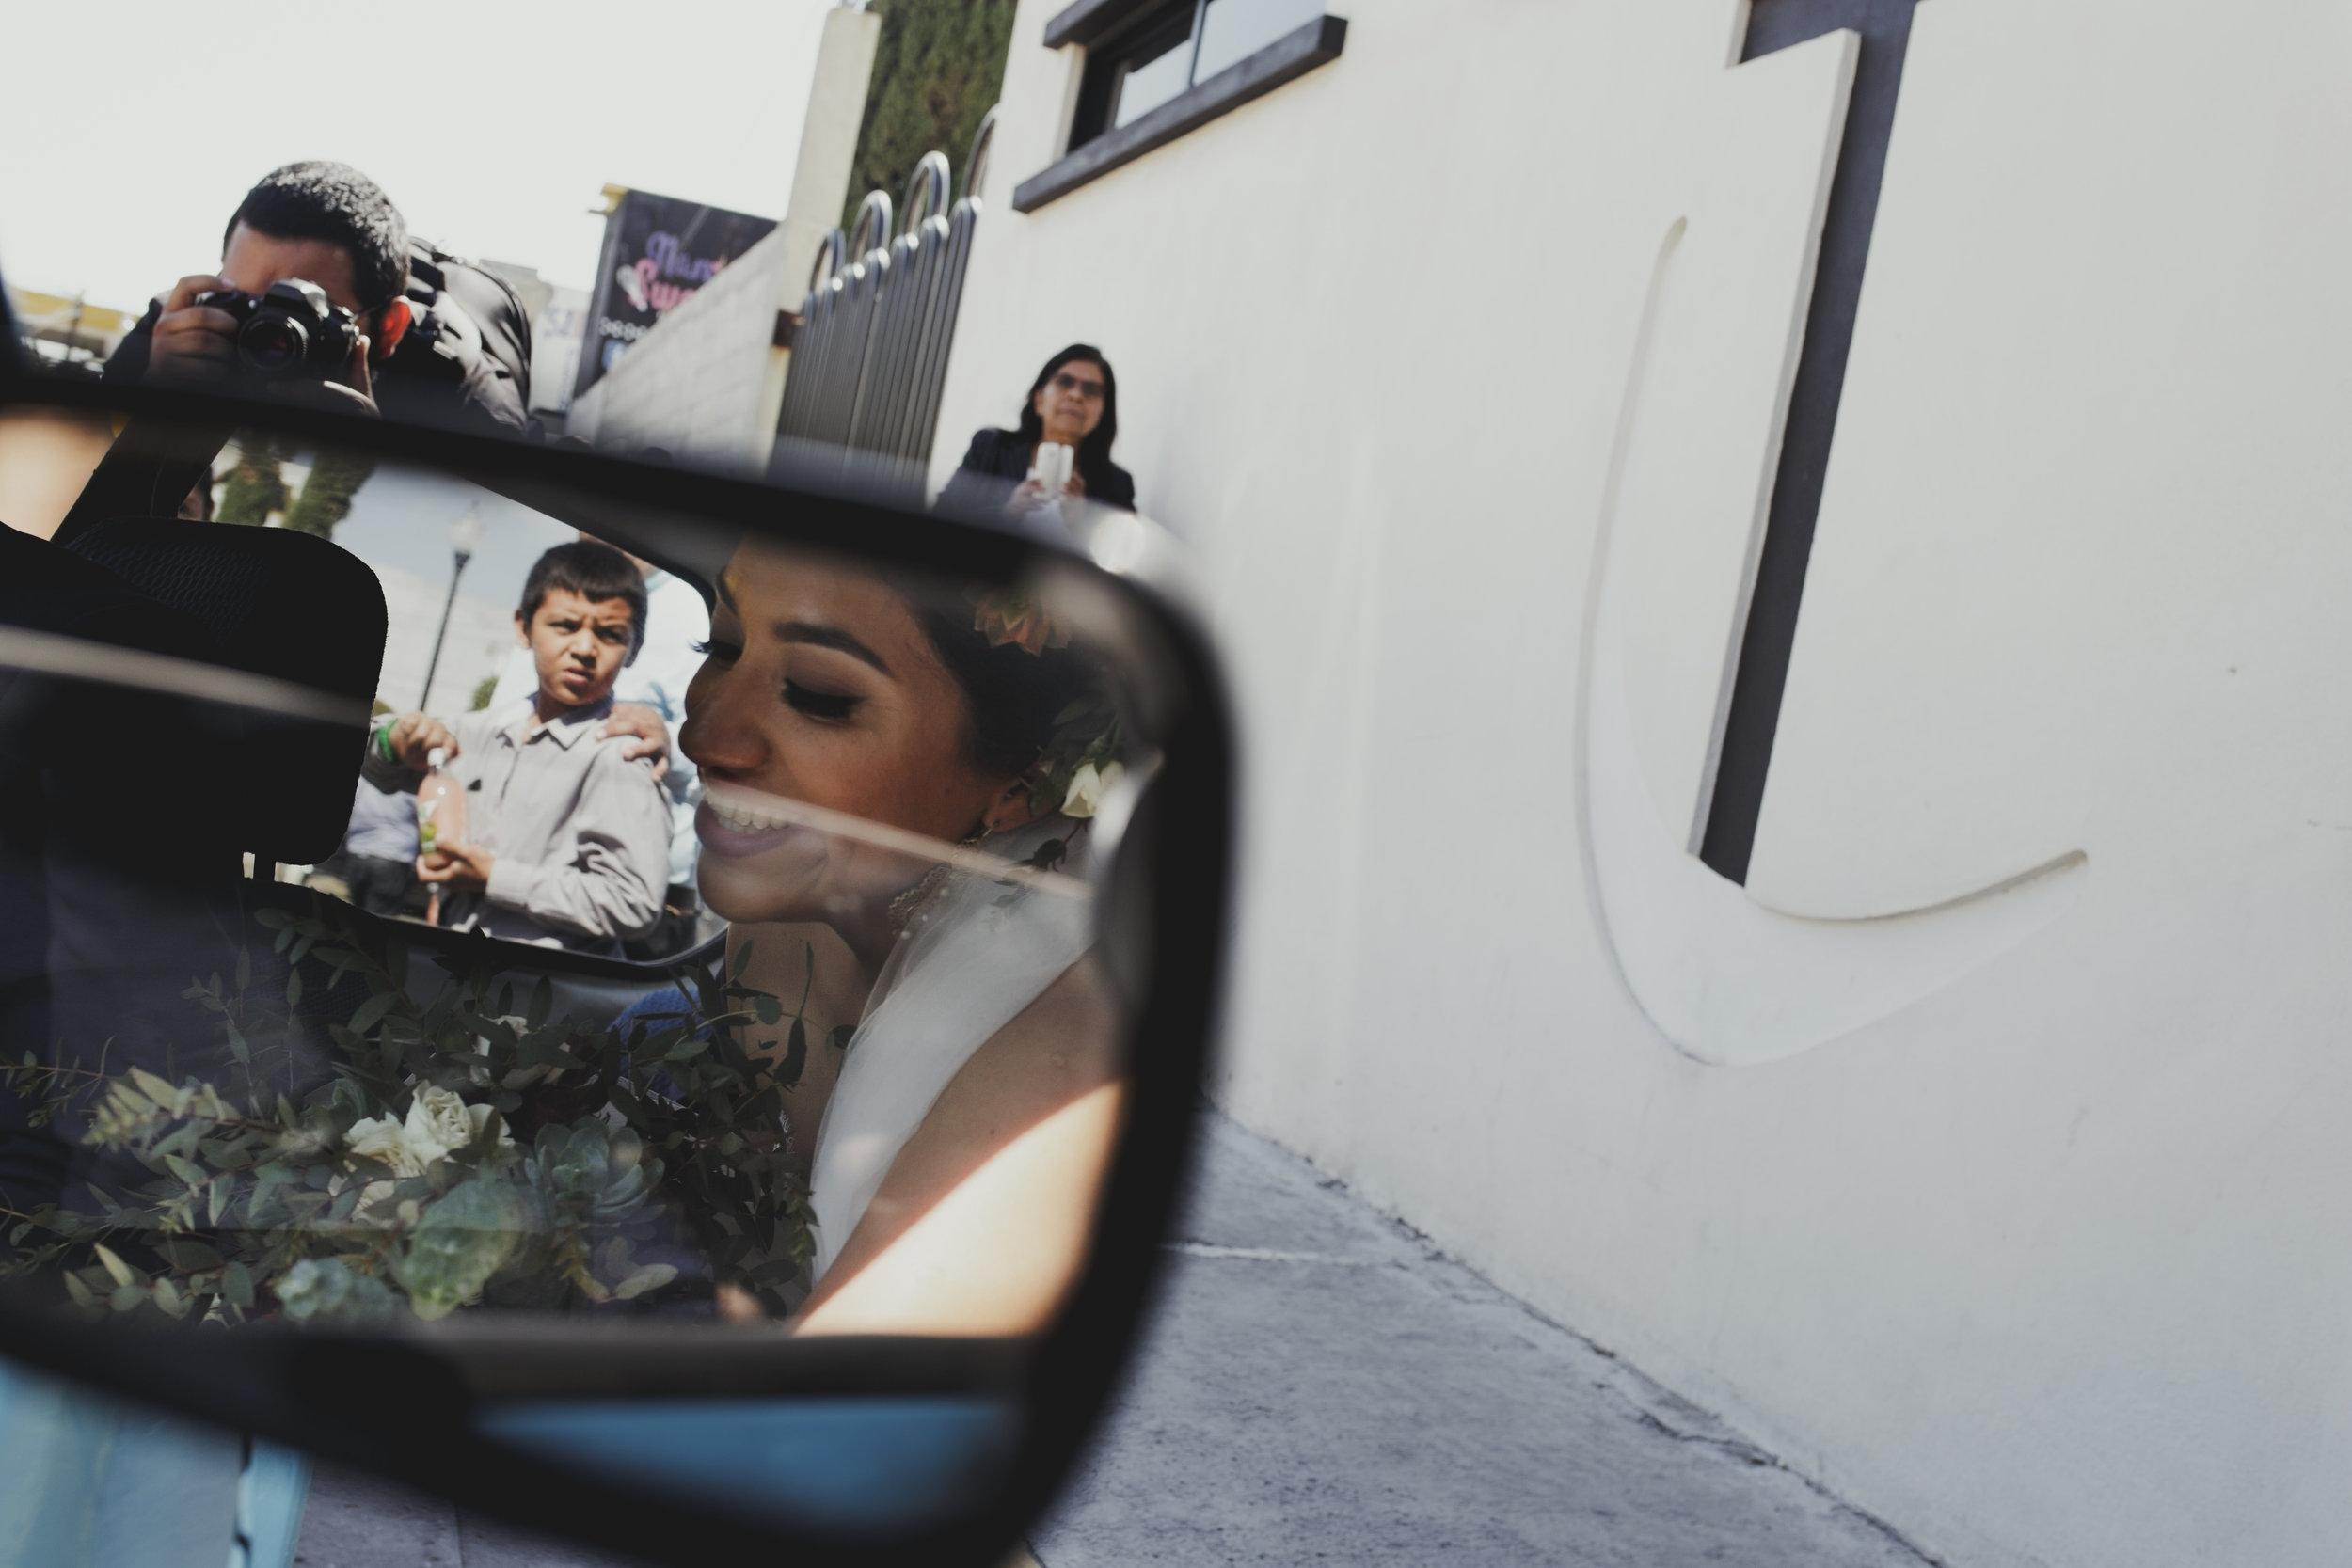 Boda-Natyeli-Derek-Hidalgo-261.jpg